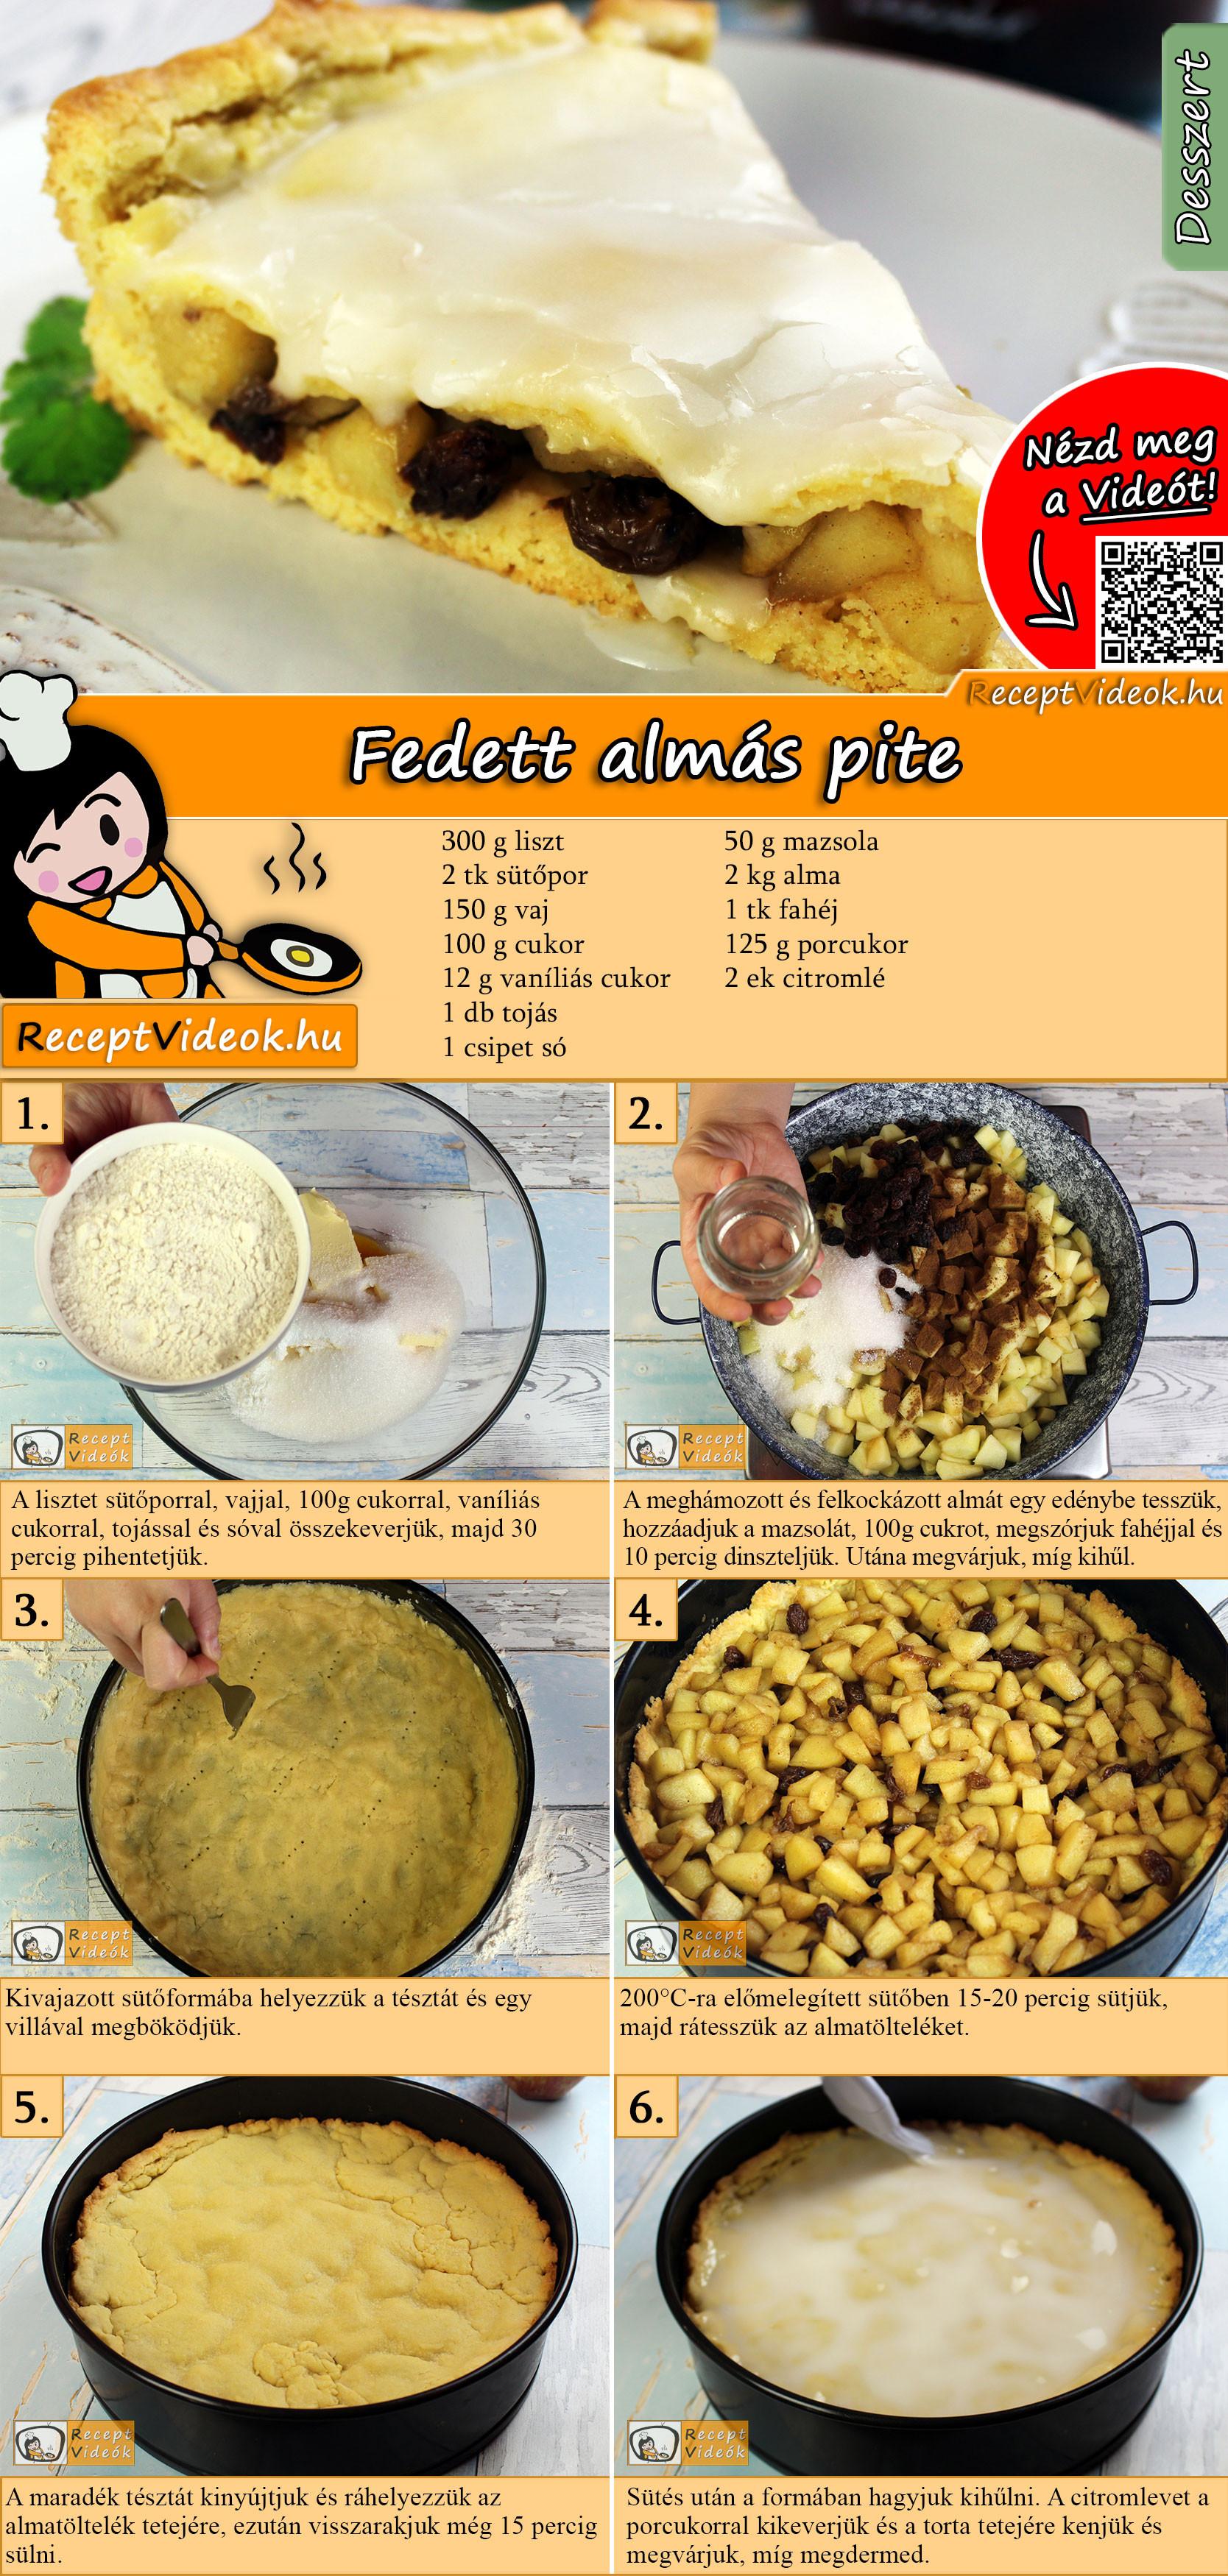 Fedett almás pite recept elkészítése videóval